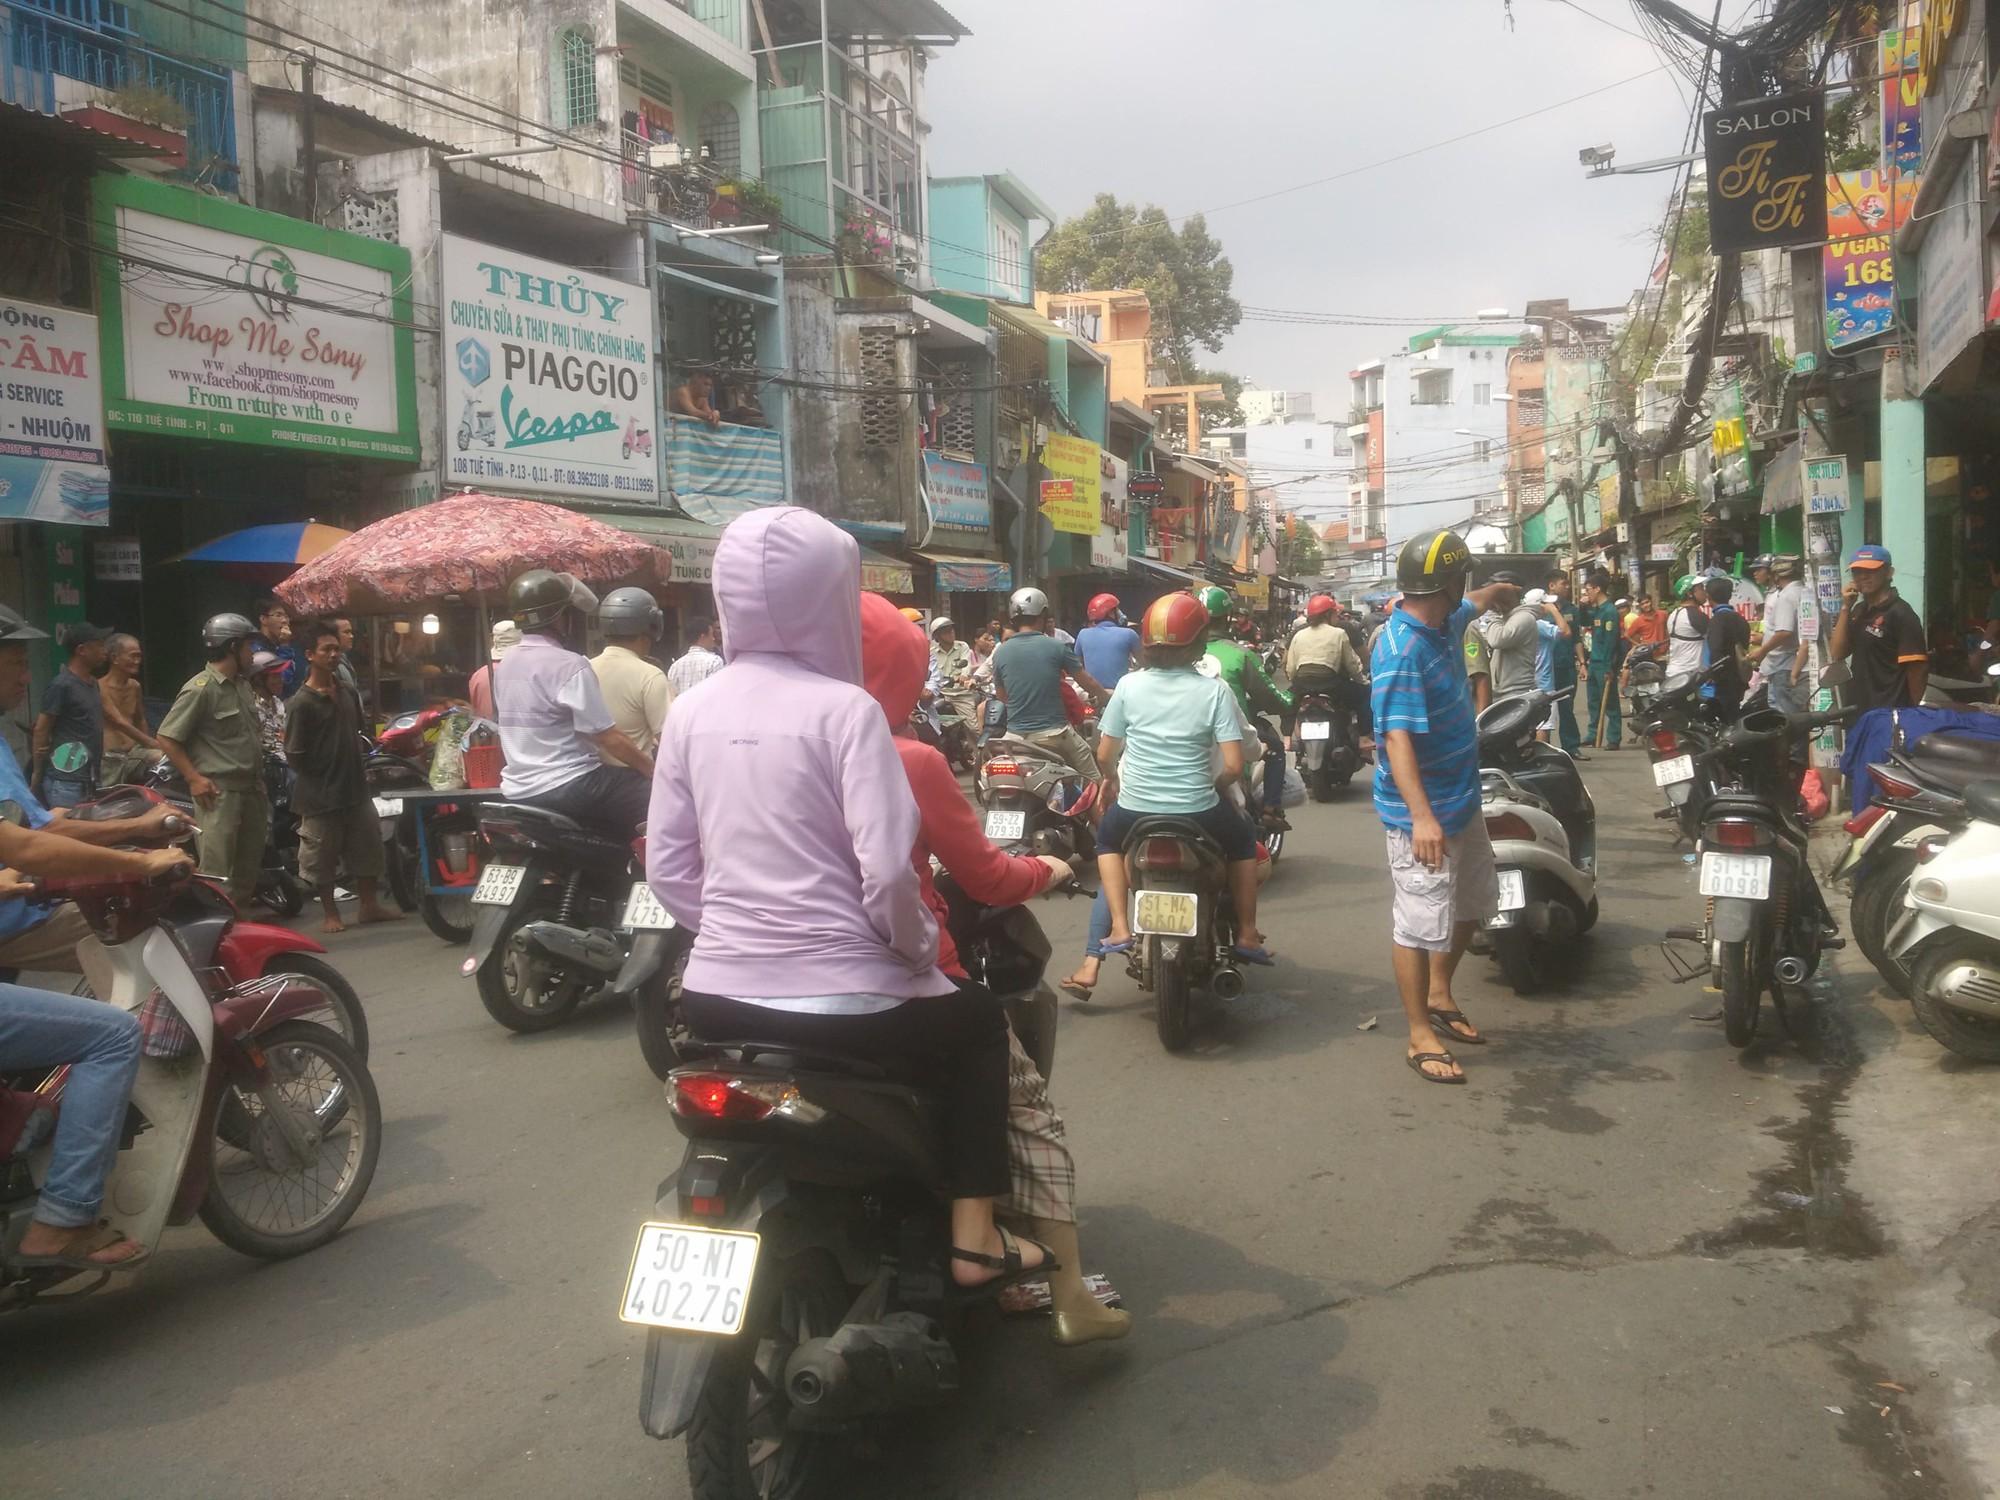 Đối tượng cướp giật cầm mảnh kính vỡ cố thủ trong tiệm bắn cá ở Sài Gòn - Ảnh 1.